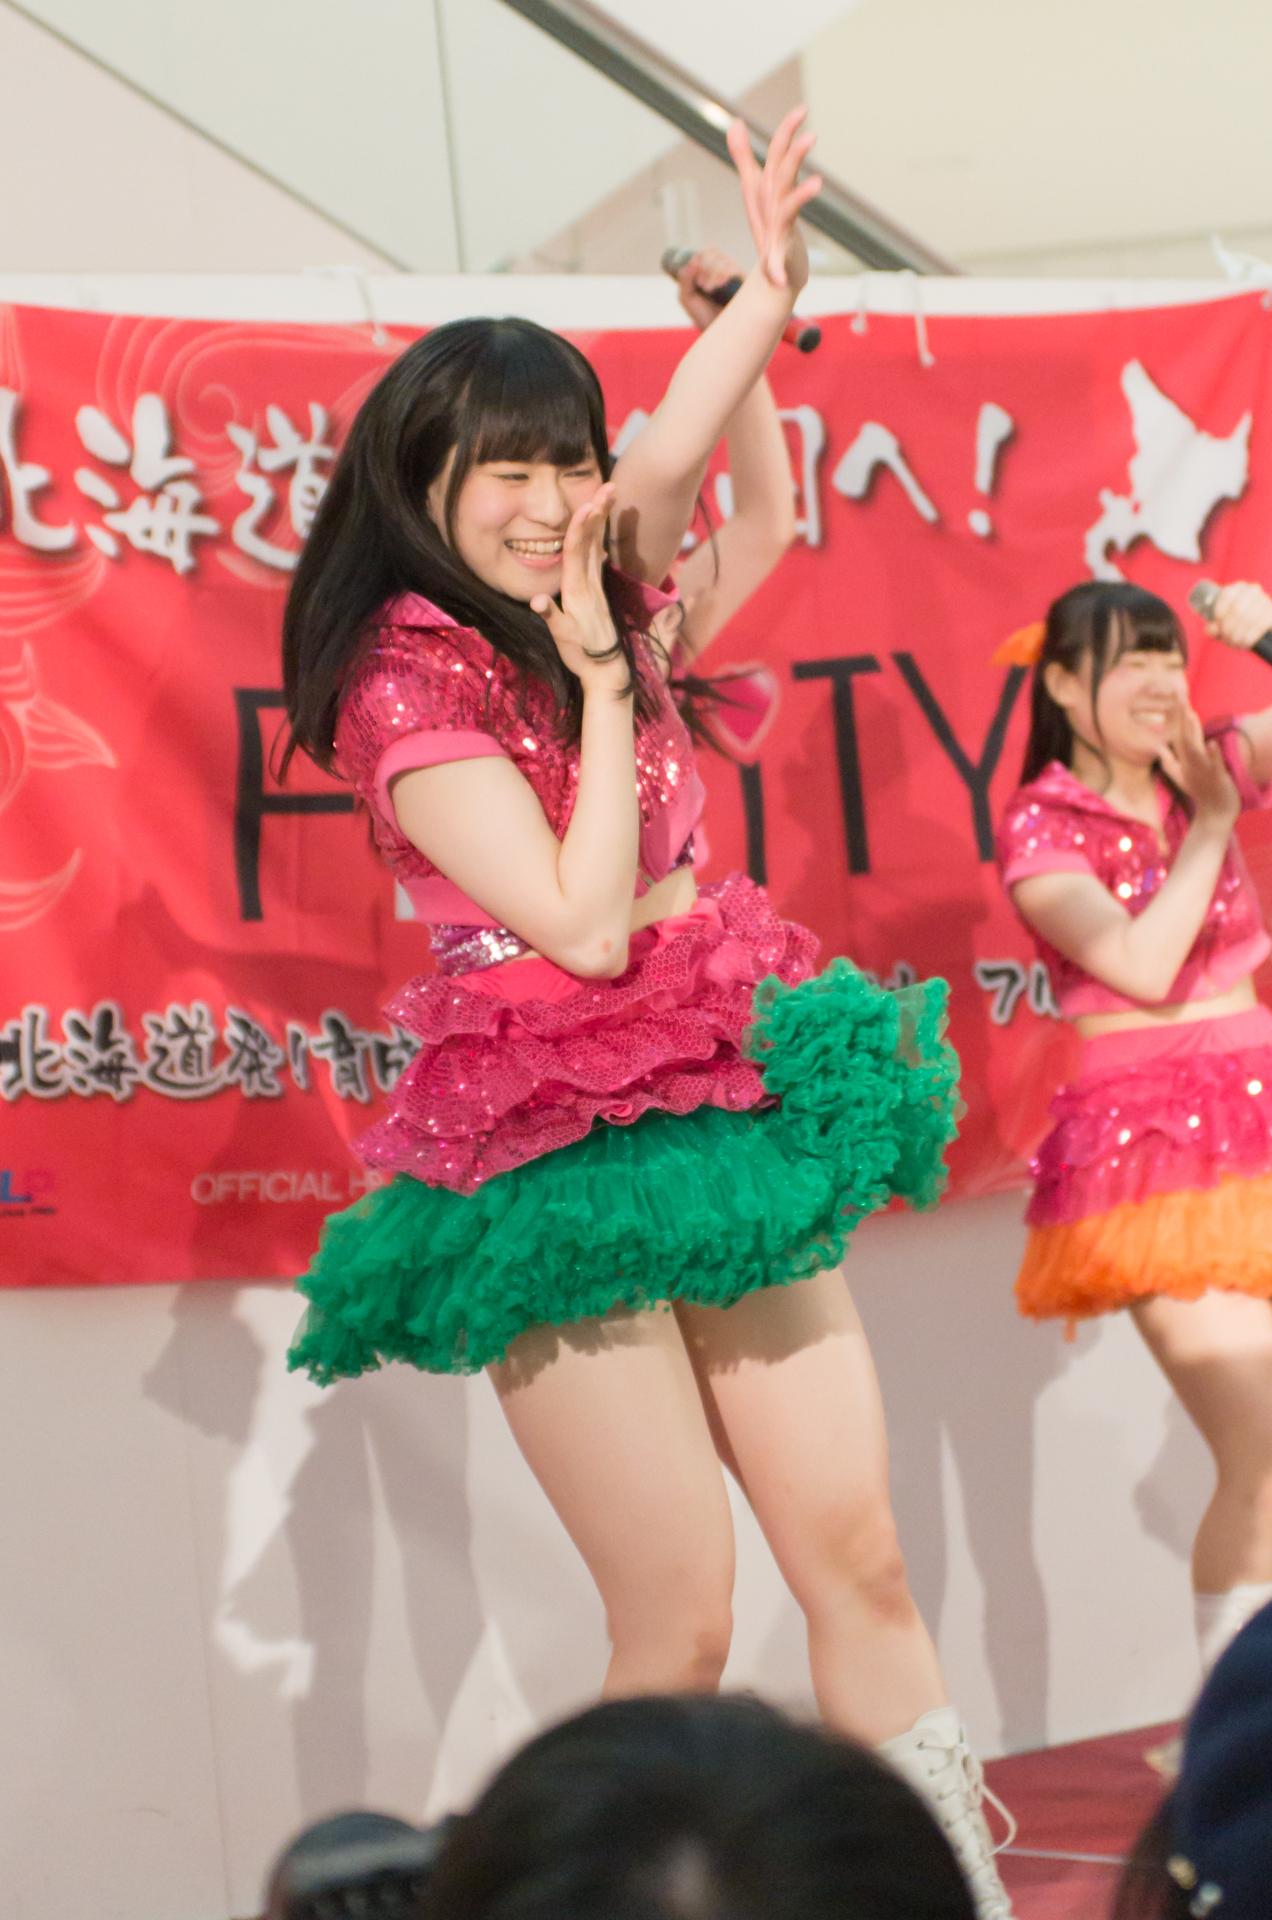 2代目Happy少女♪ あゆみ ( 新谷亜由美 ) | アリオ札幌ライブプロマンスリーライブ